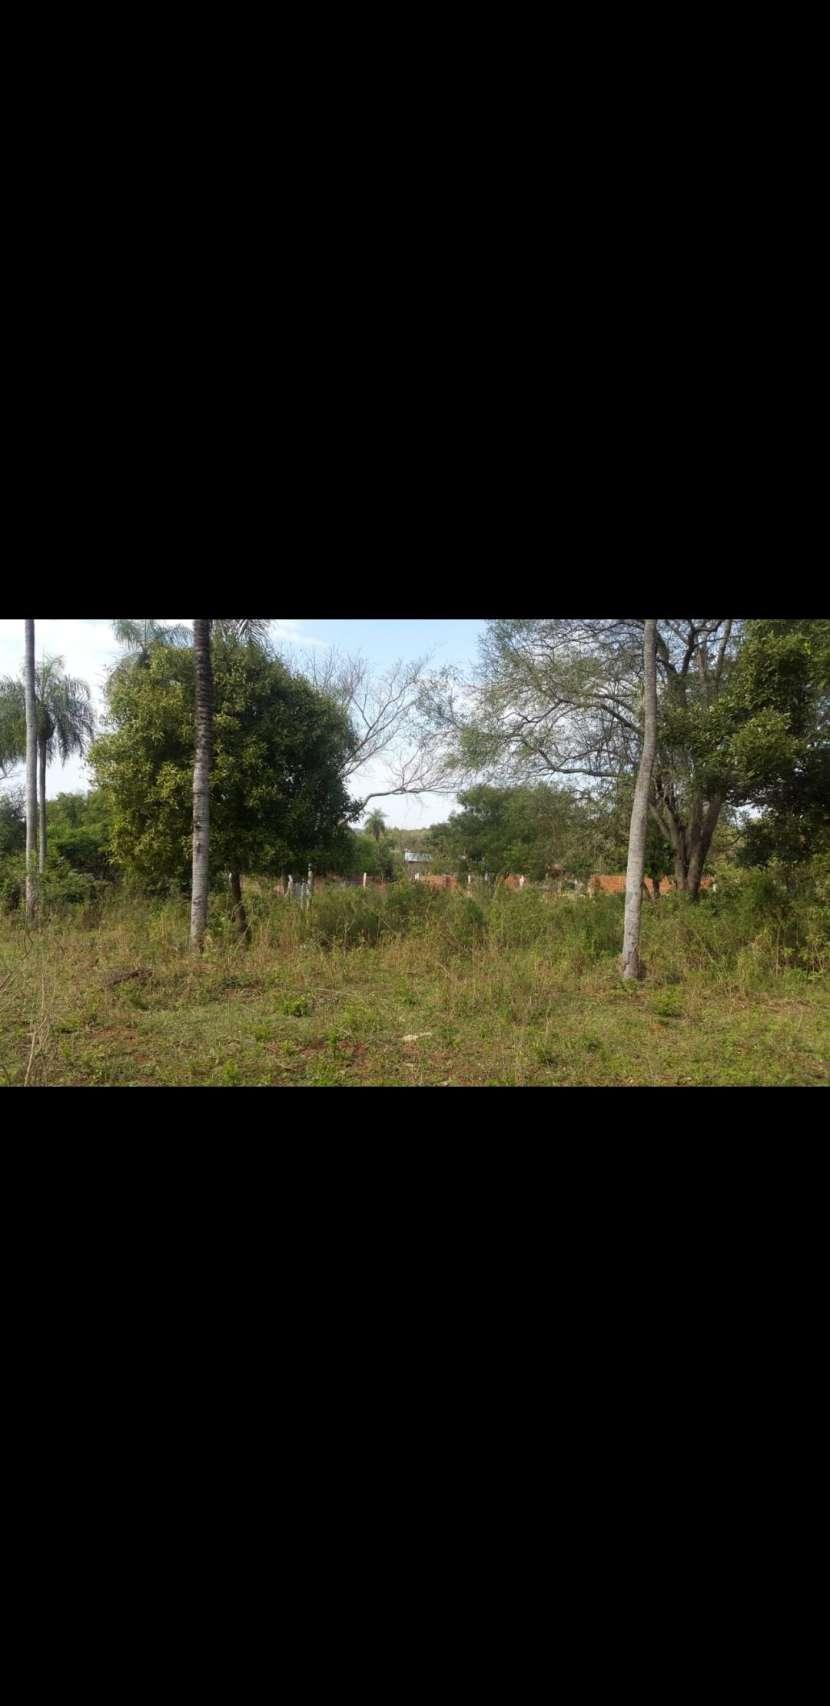 Terreno 12x30 en Areguá - 0